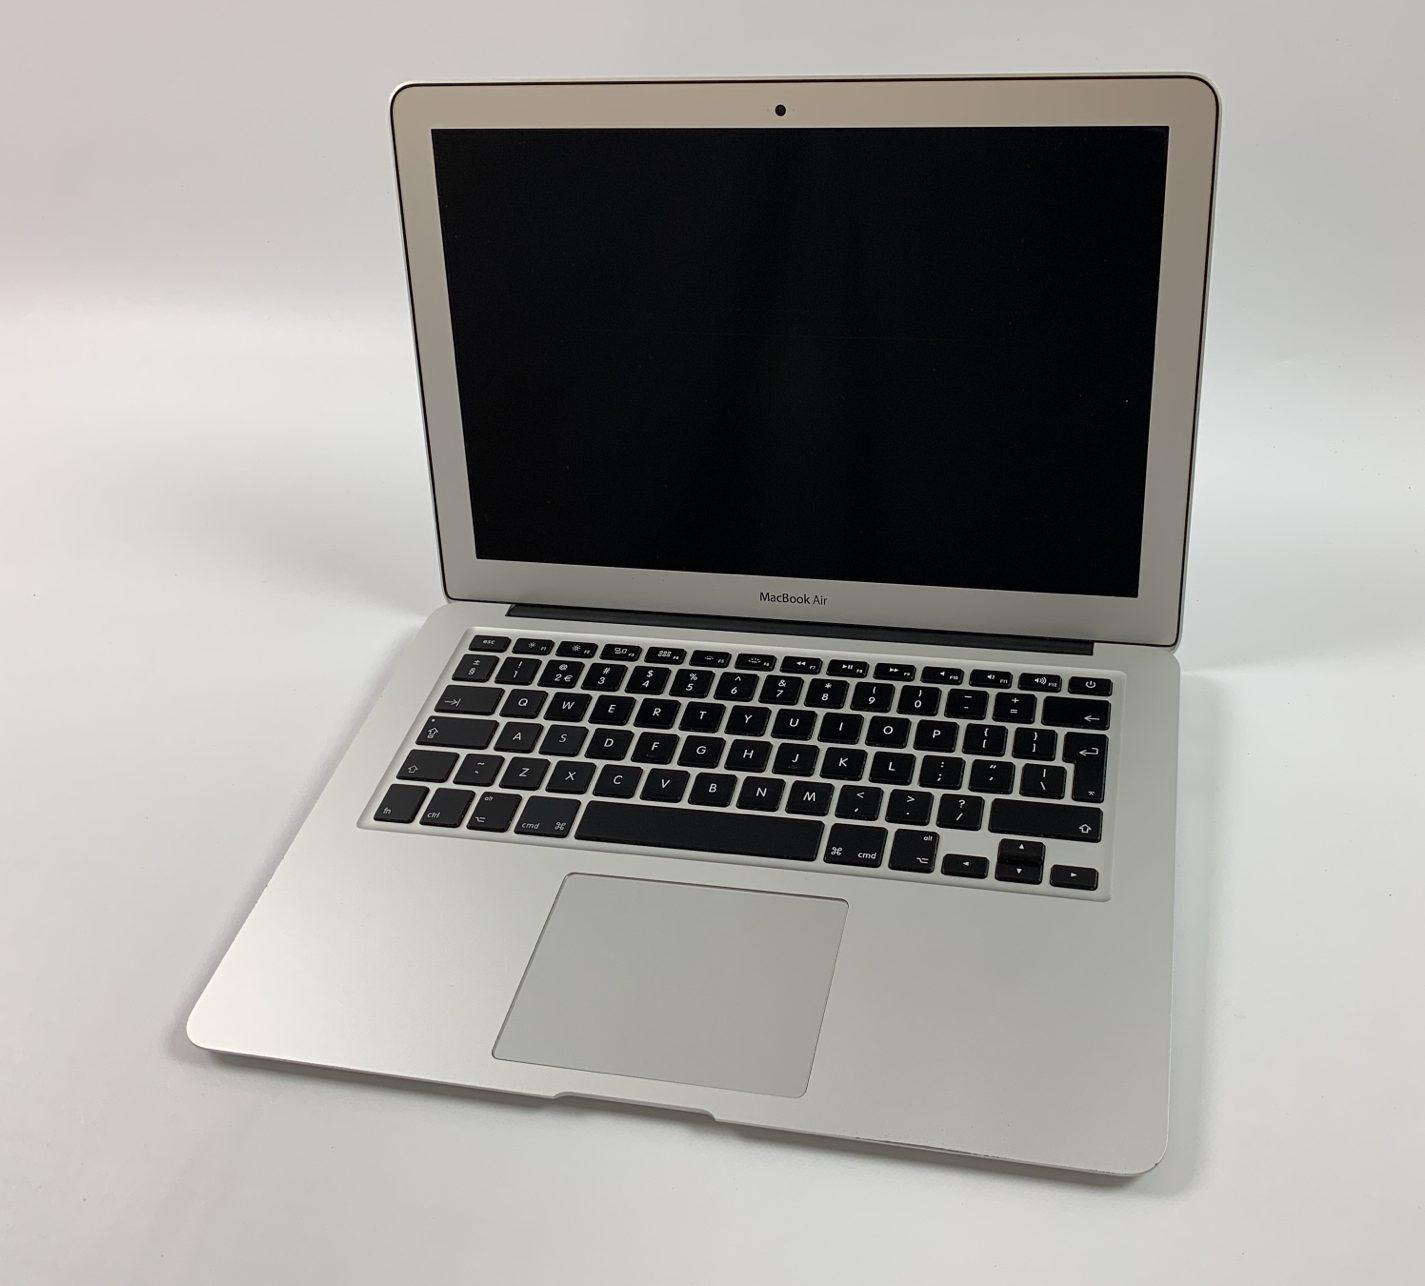 """MacBook Air 13"""" Mid 2013 (Intel Core i7 1.7 GHz 8 GB RAM 256 GB SSD), Intel Core i7 1.7 GHz, 8 GB RAM, 256 GB SSD, Afbeelding 1"""